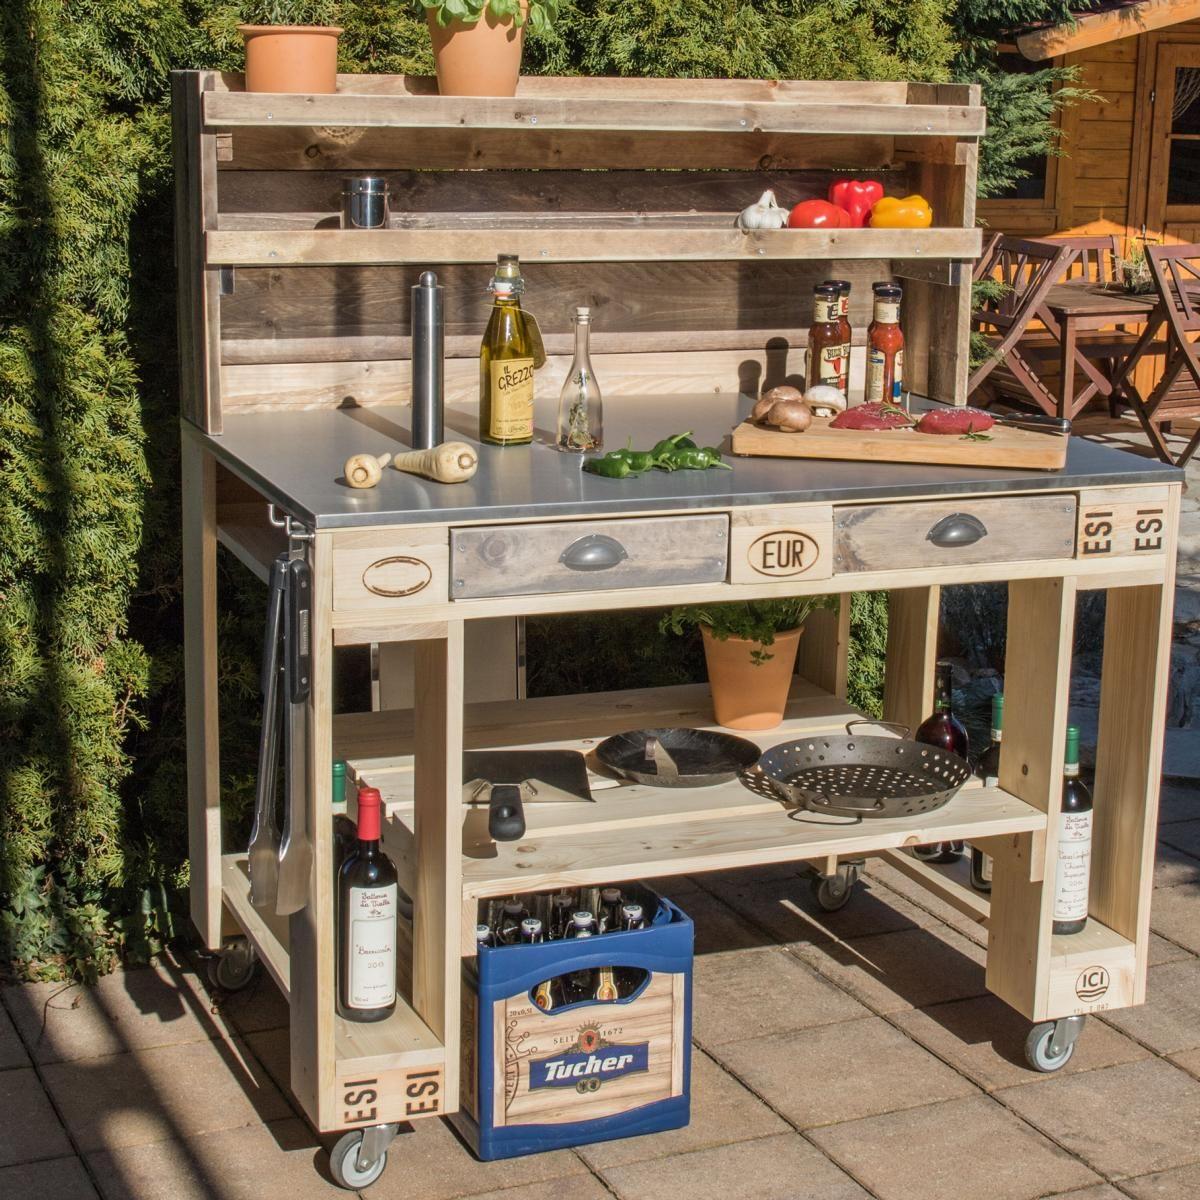 ᐅ Grilltisch aus Paletten | Palettenmöbel selber bauen & kaufen